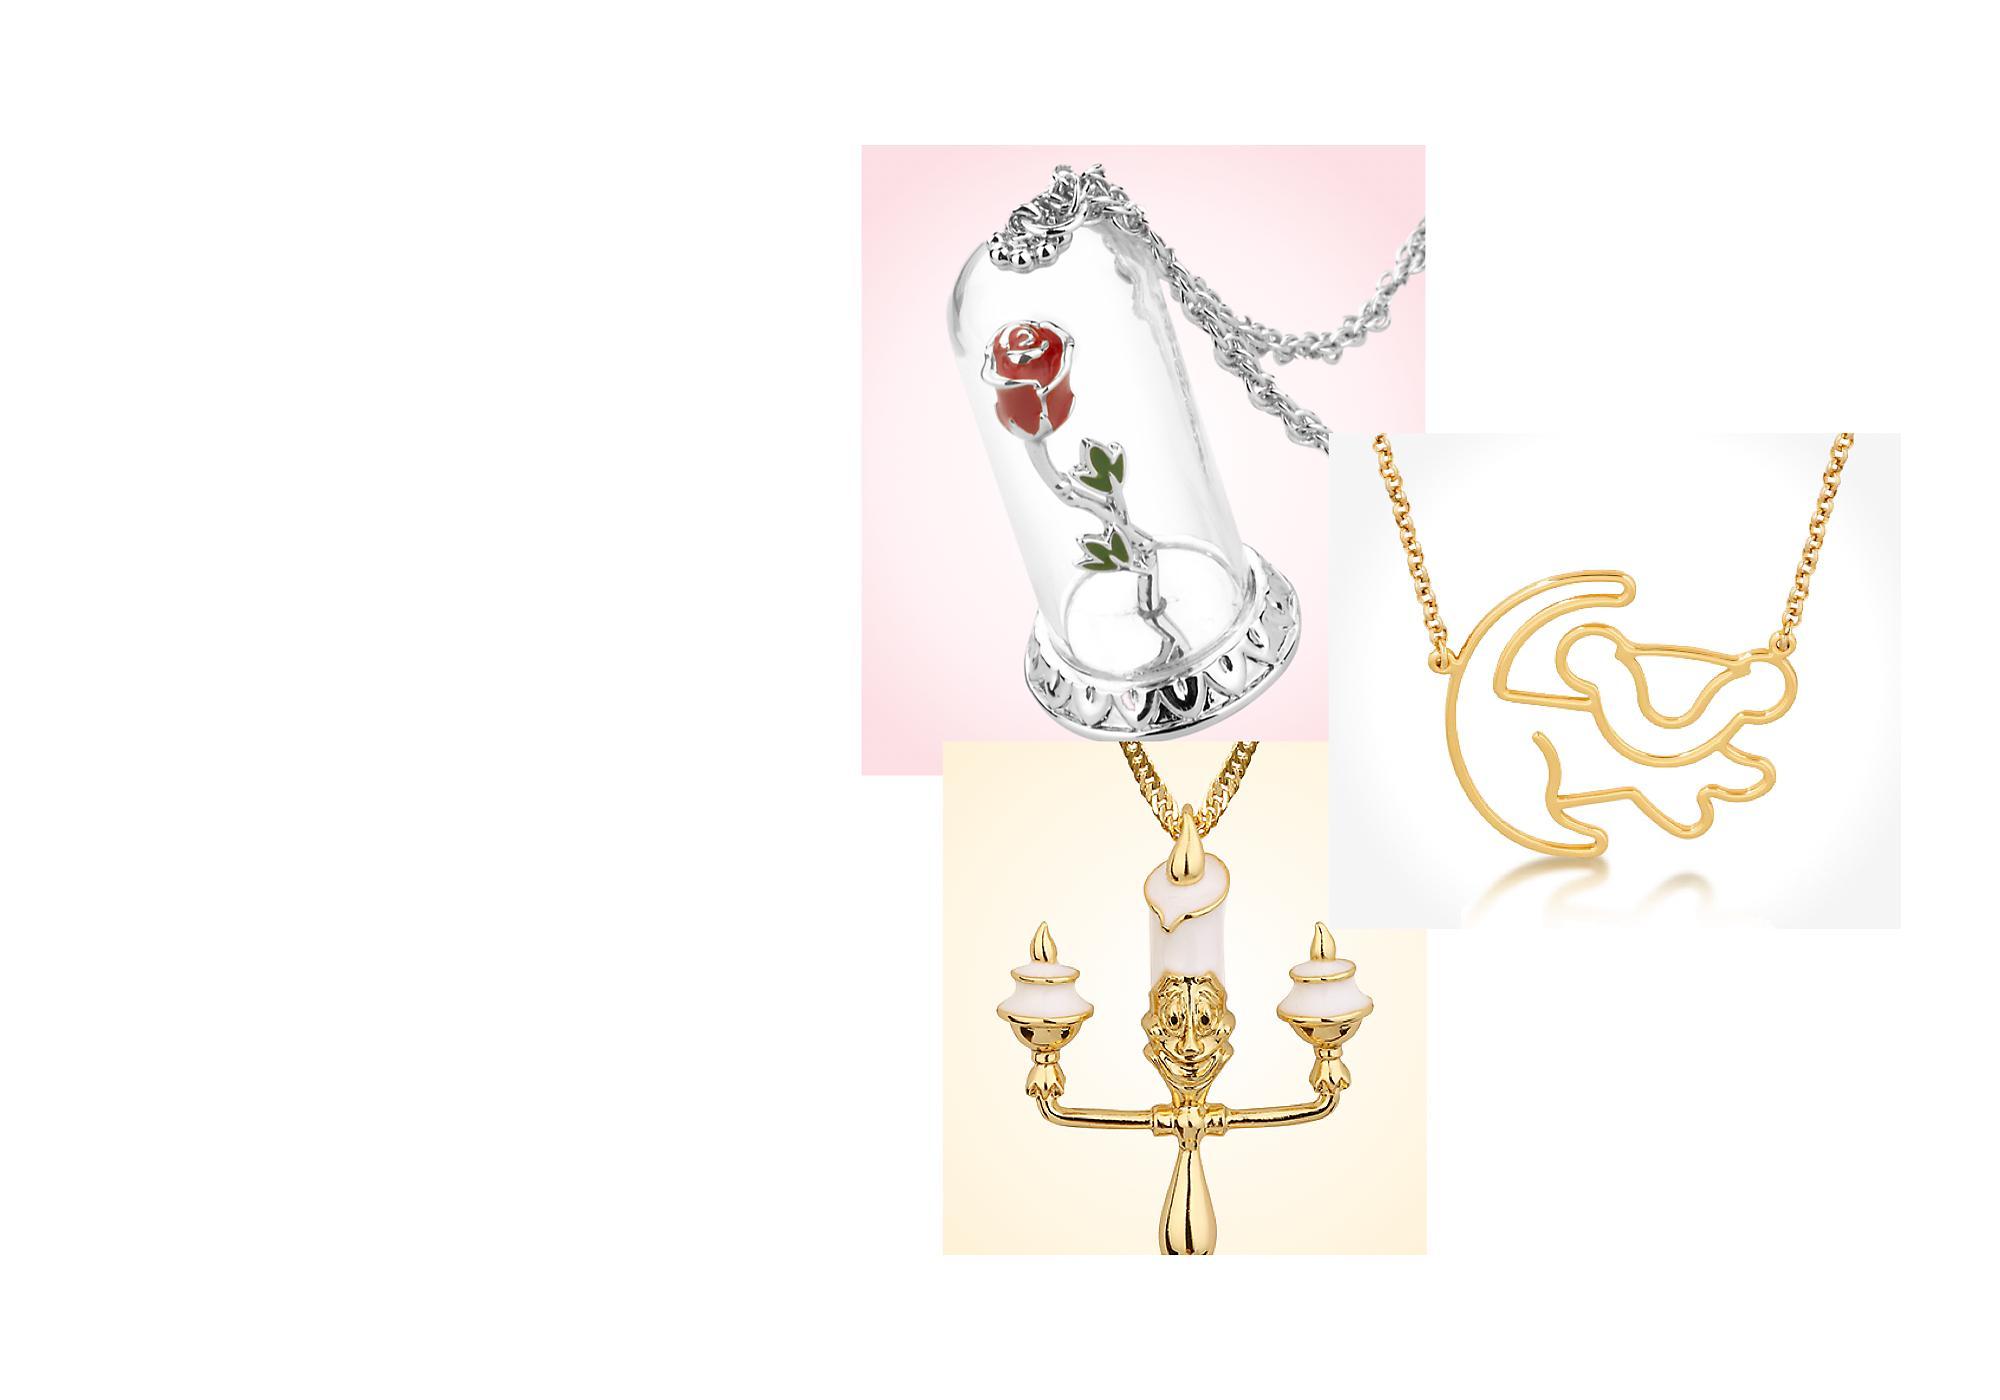 Whimsical Wonder Ti presentiamo Couture Kingdom di Disney, una collezione di gioielli squisita e di tendenza destinata a deliziare tutti i fan della Disney che amano la moda. ACQUISTA ORA